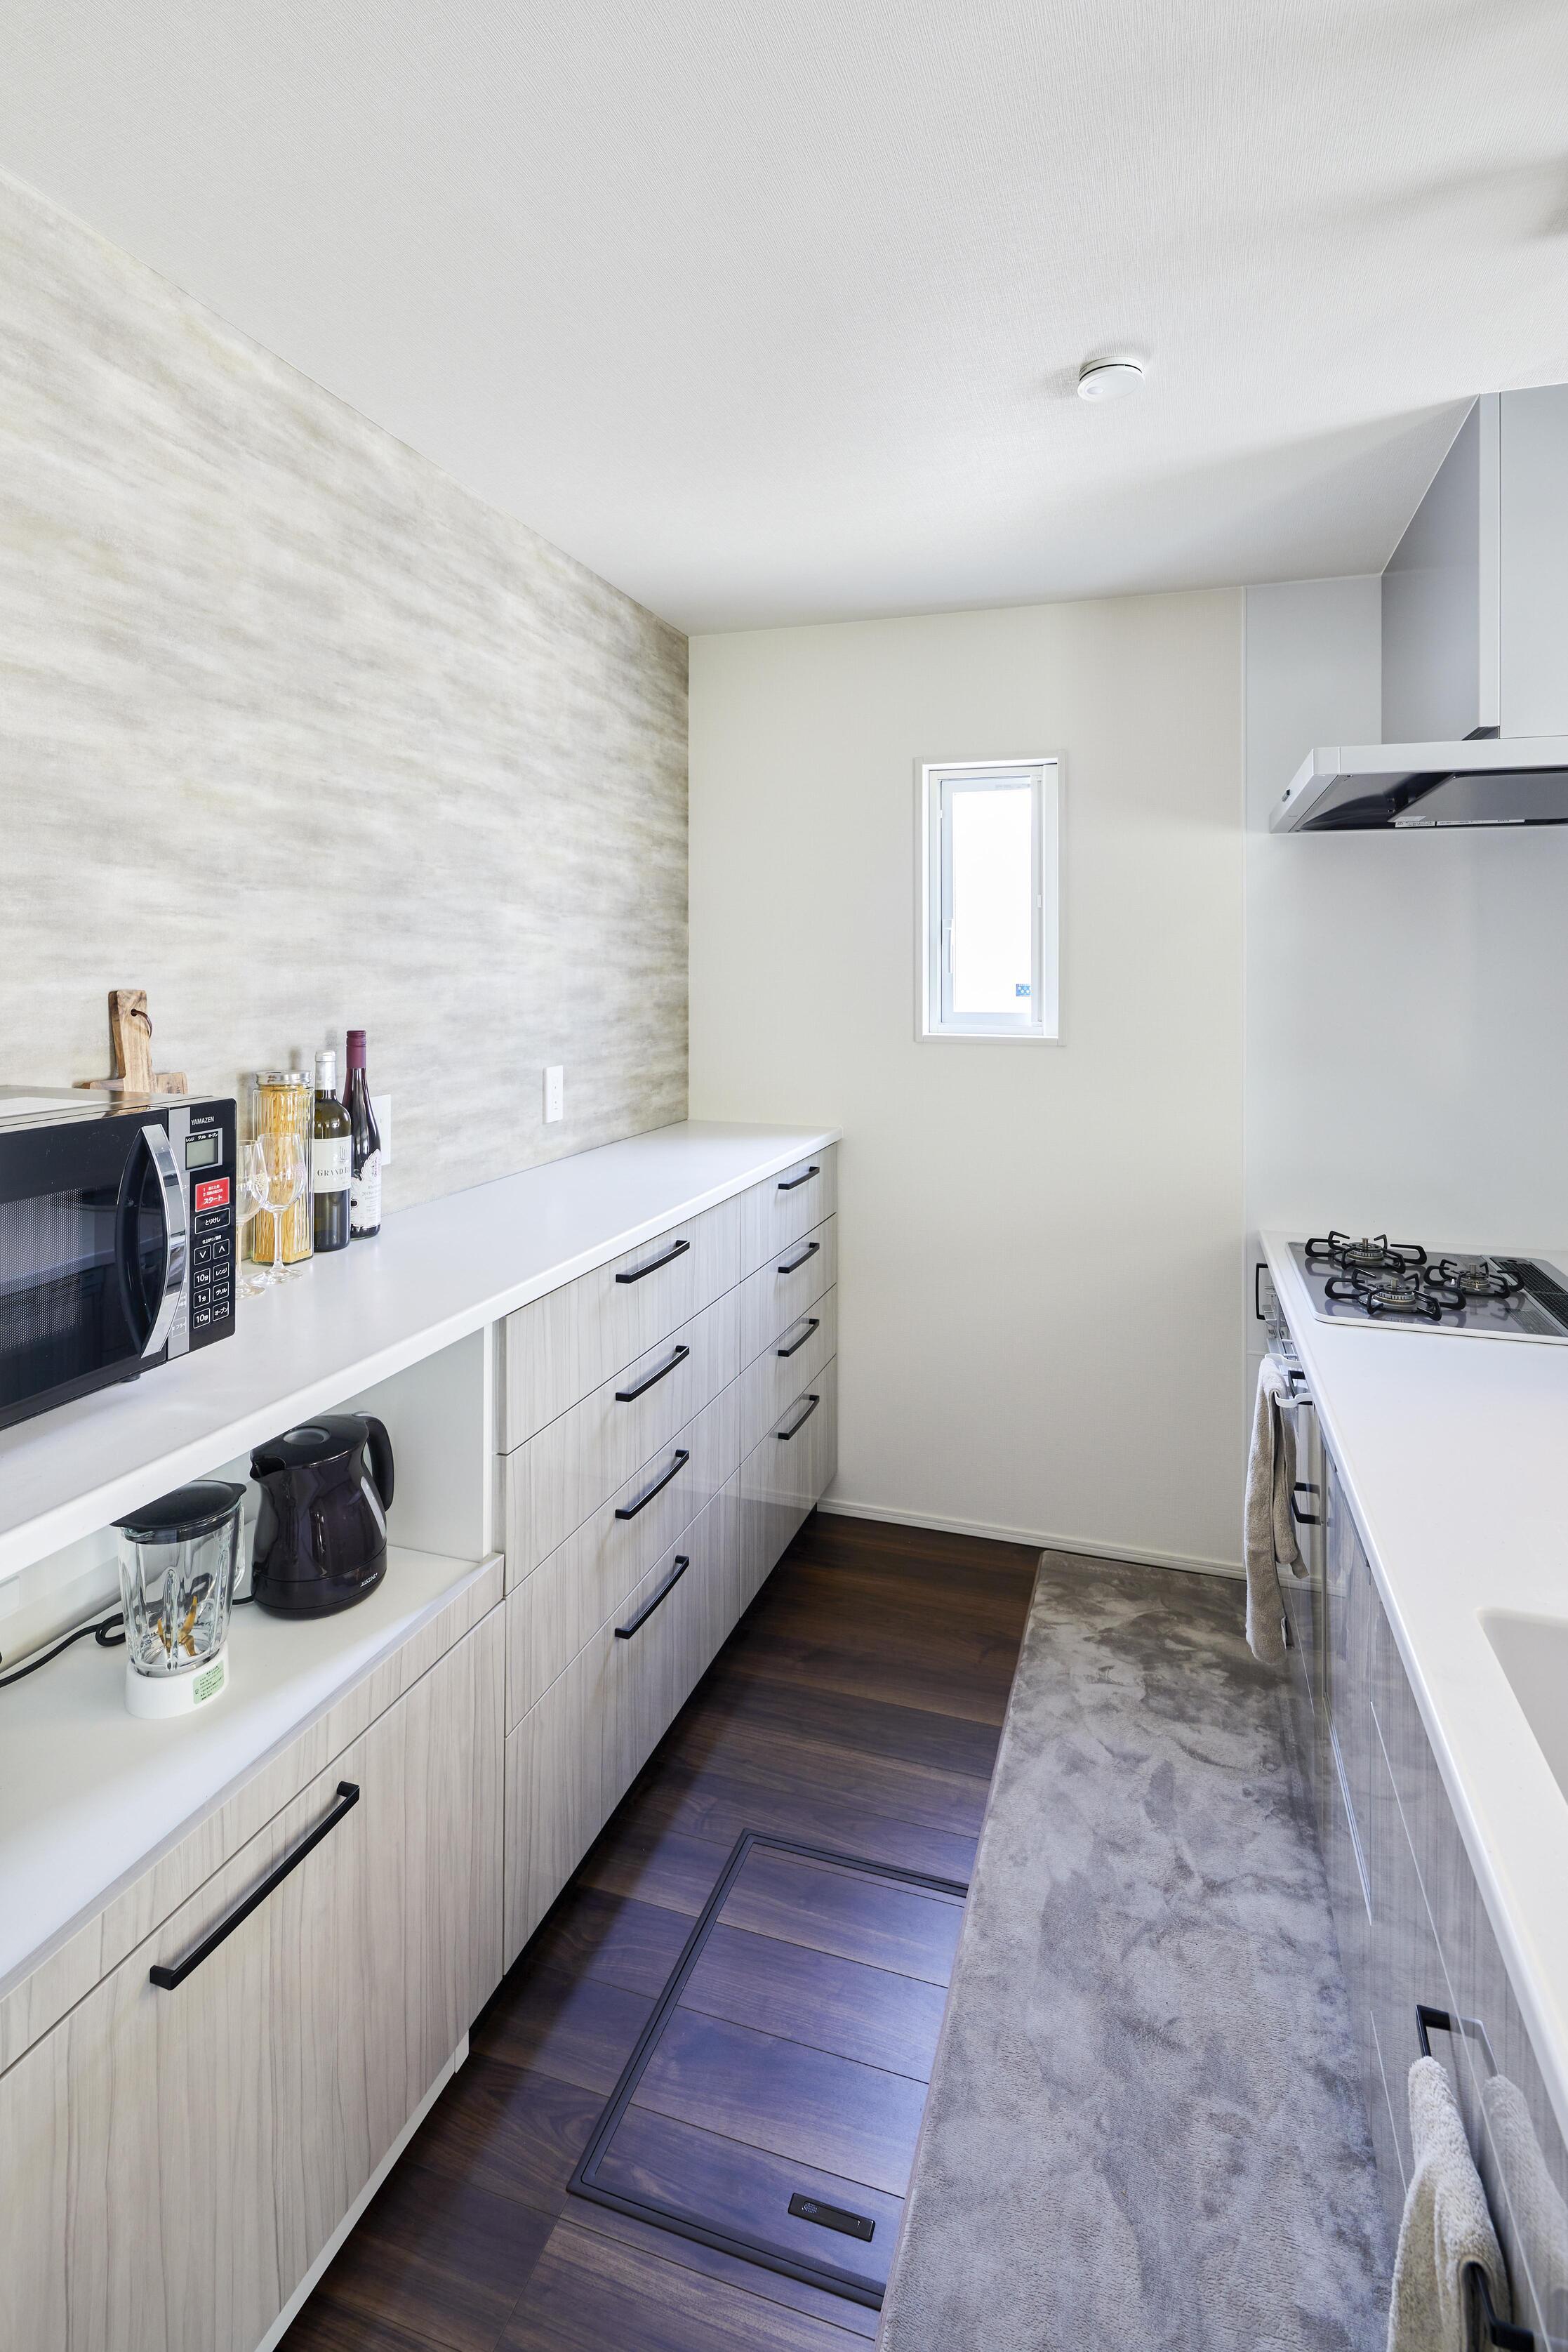 大容量のキッチン収納。常にスッキリした状態を保てる